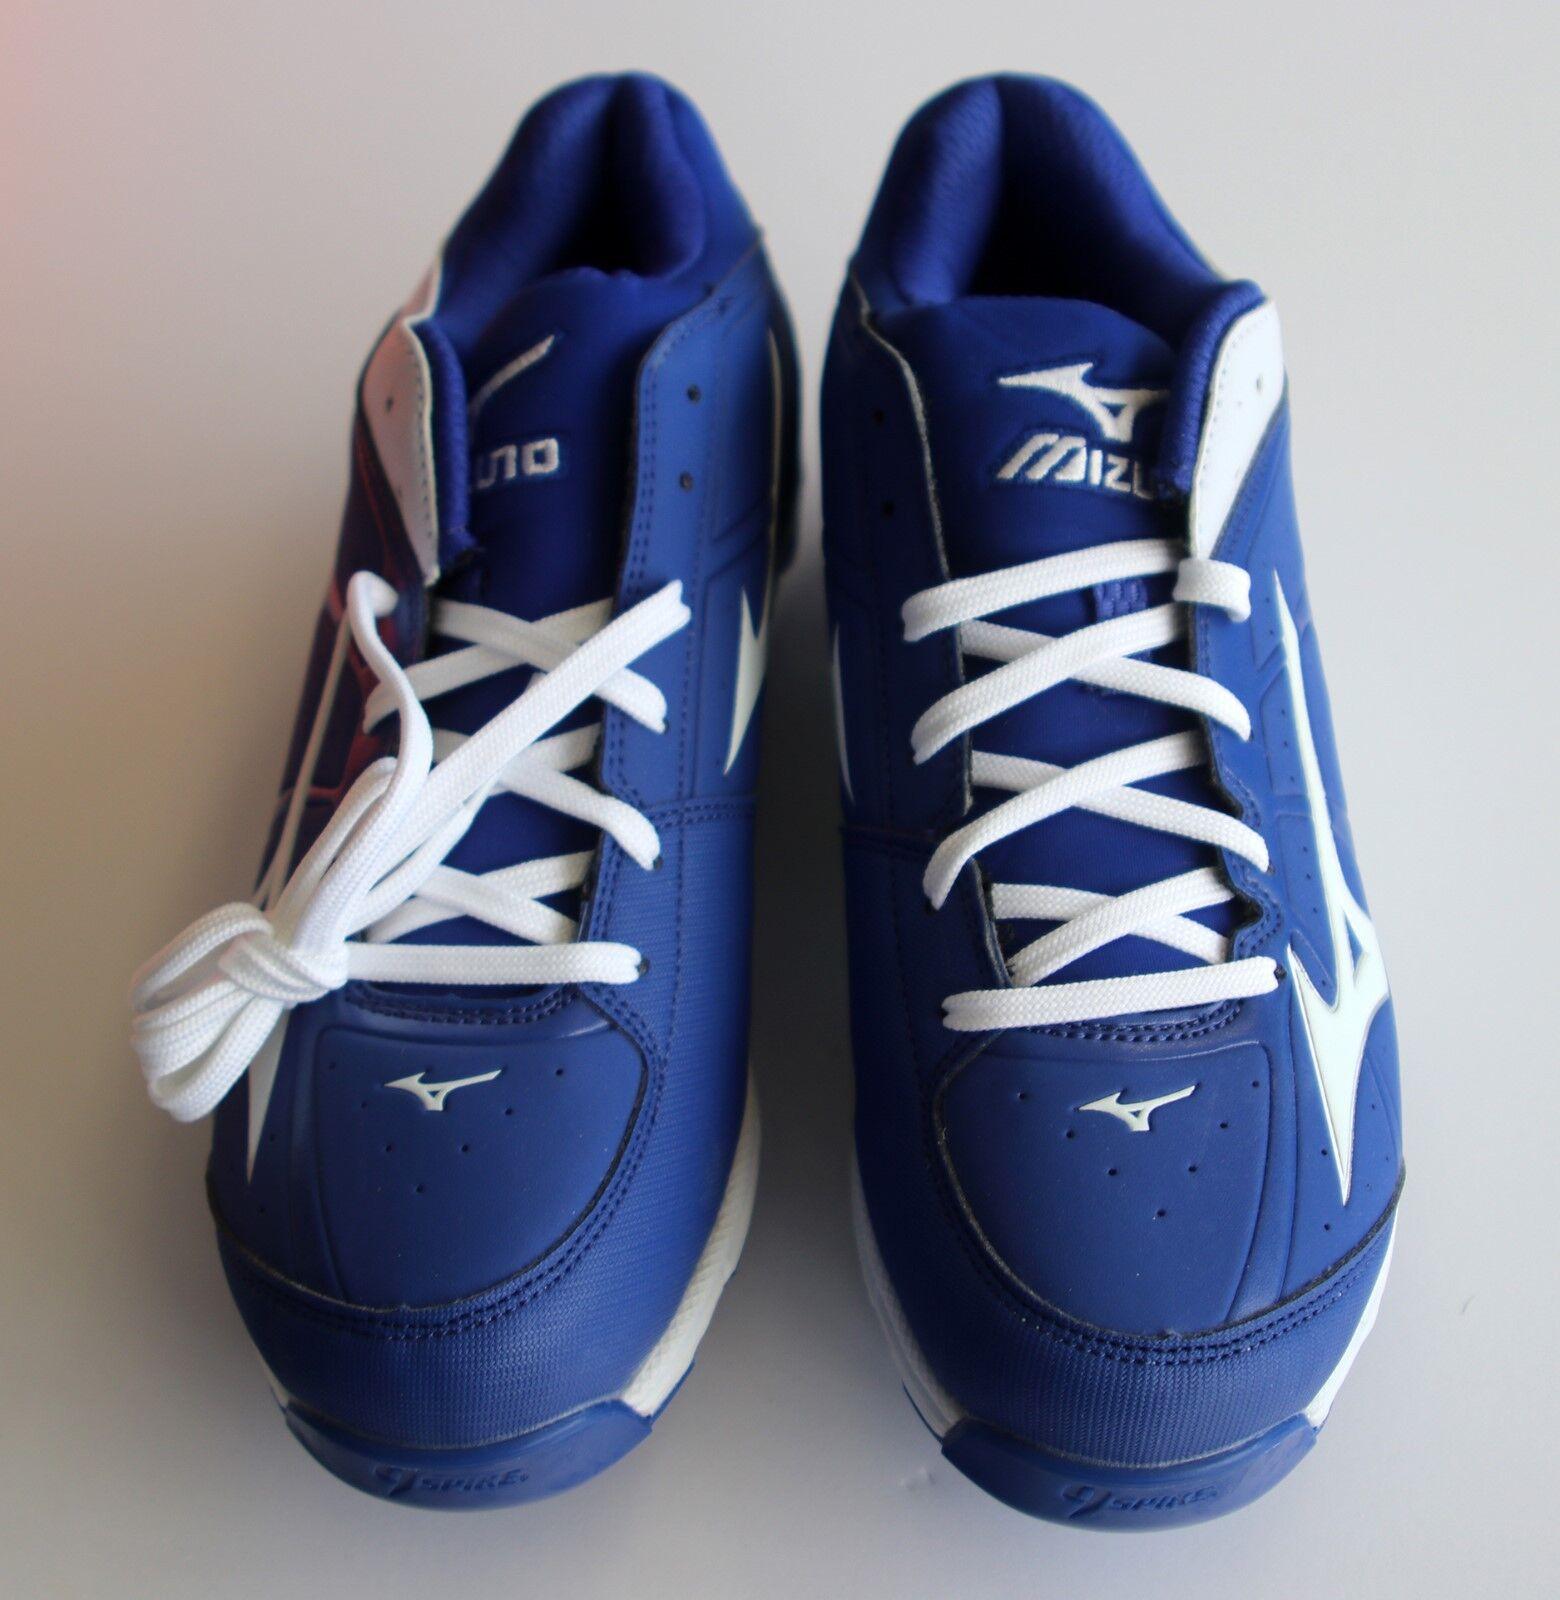 Señoras Softbol Sneekers, nuevo, inusitado, Talla 8, azul y blancoo